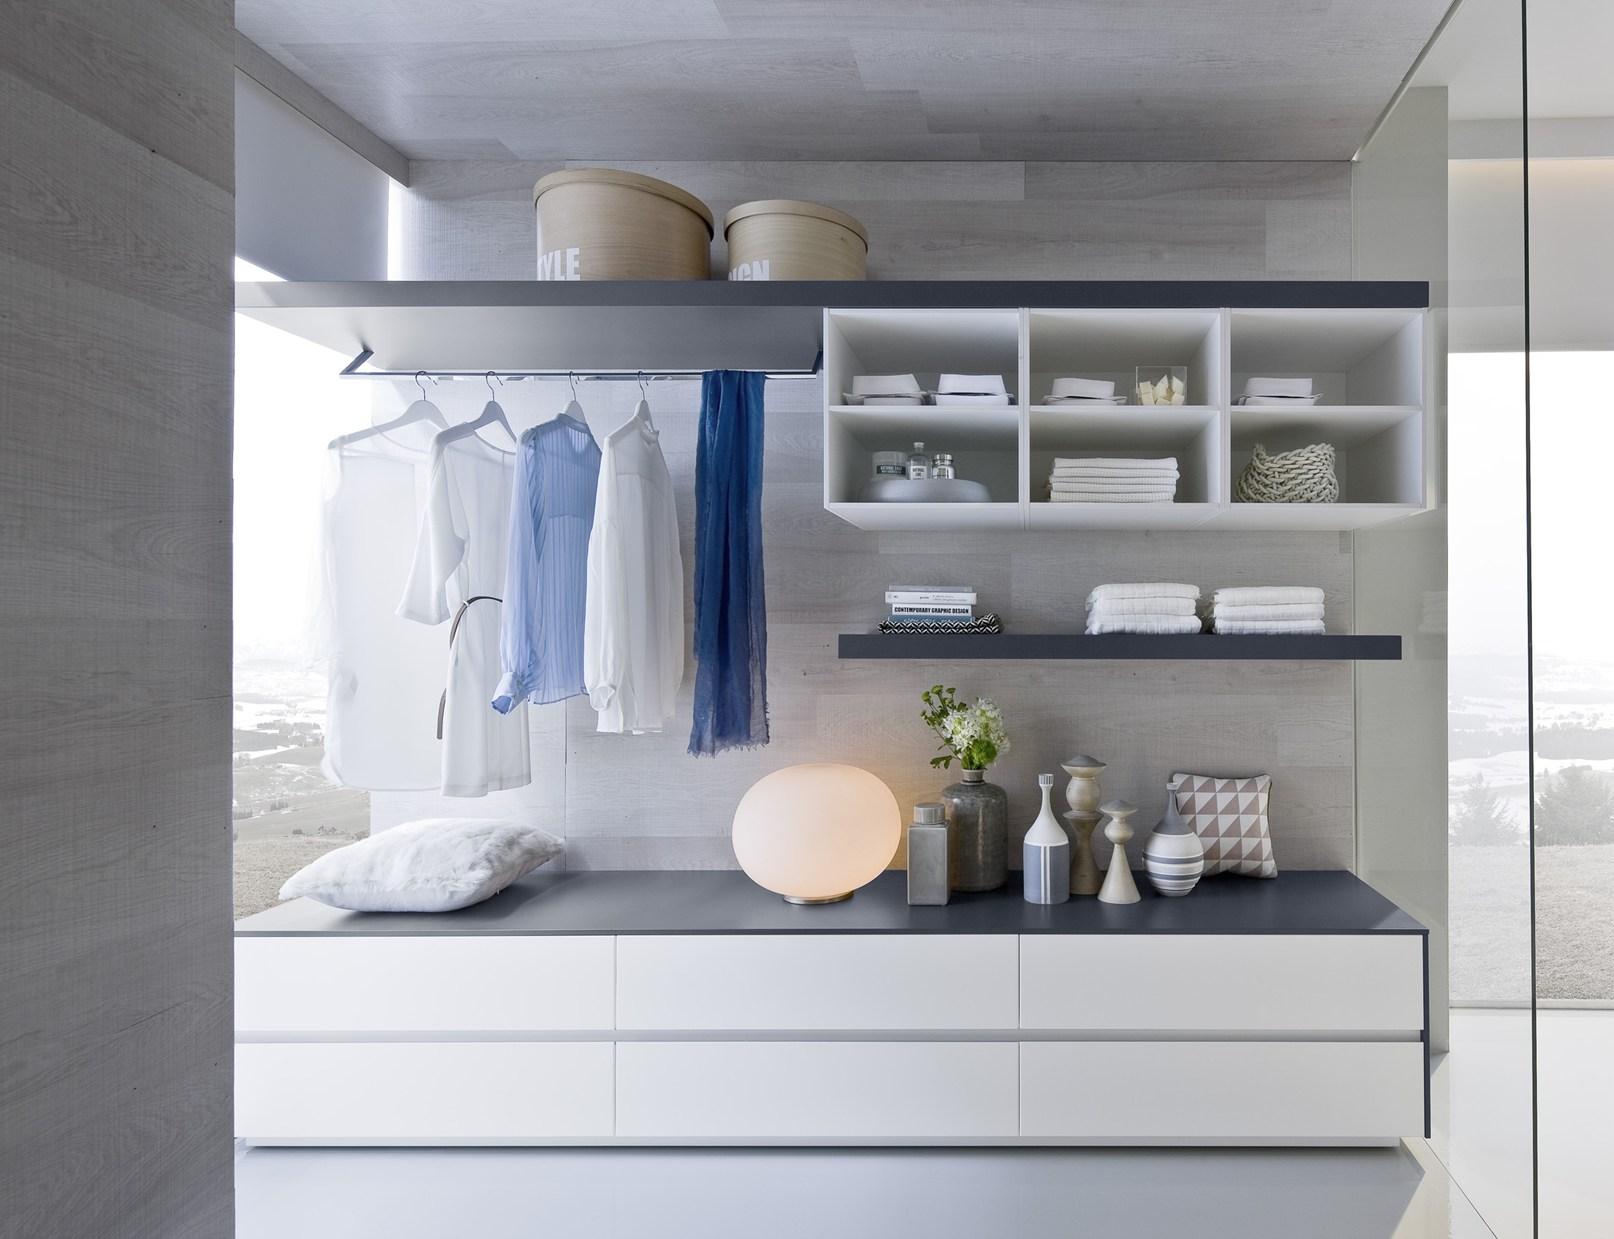 Bagno e cabina armadio in continuit stilistica for Cabina armadio attraverso il bagno